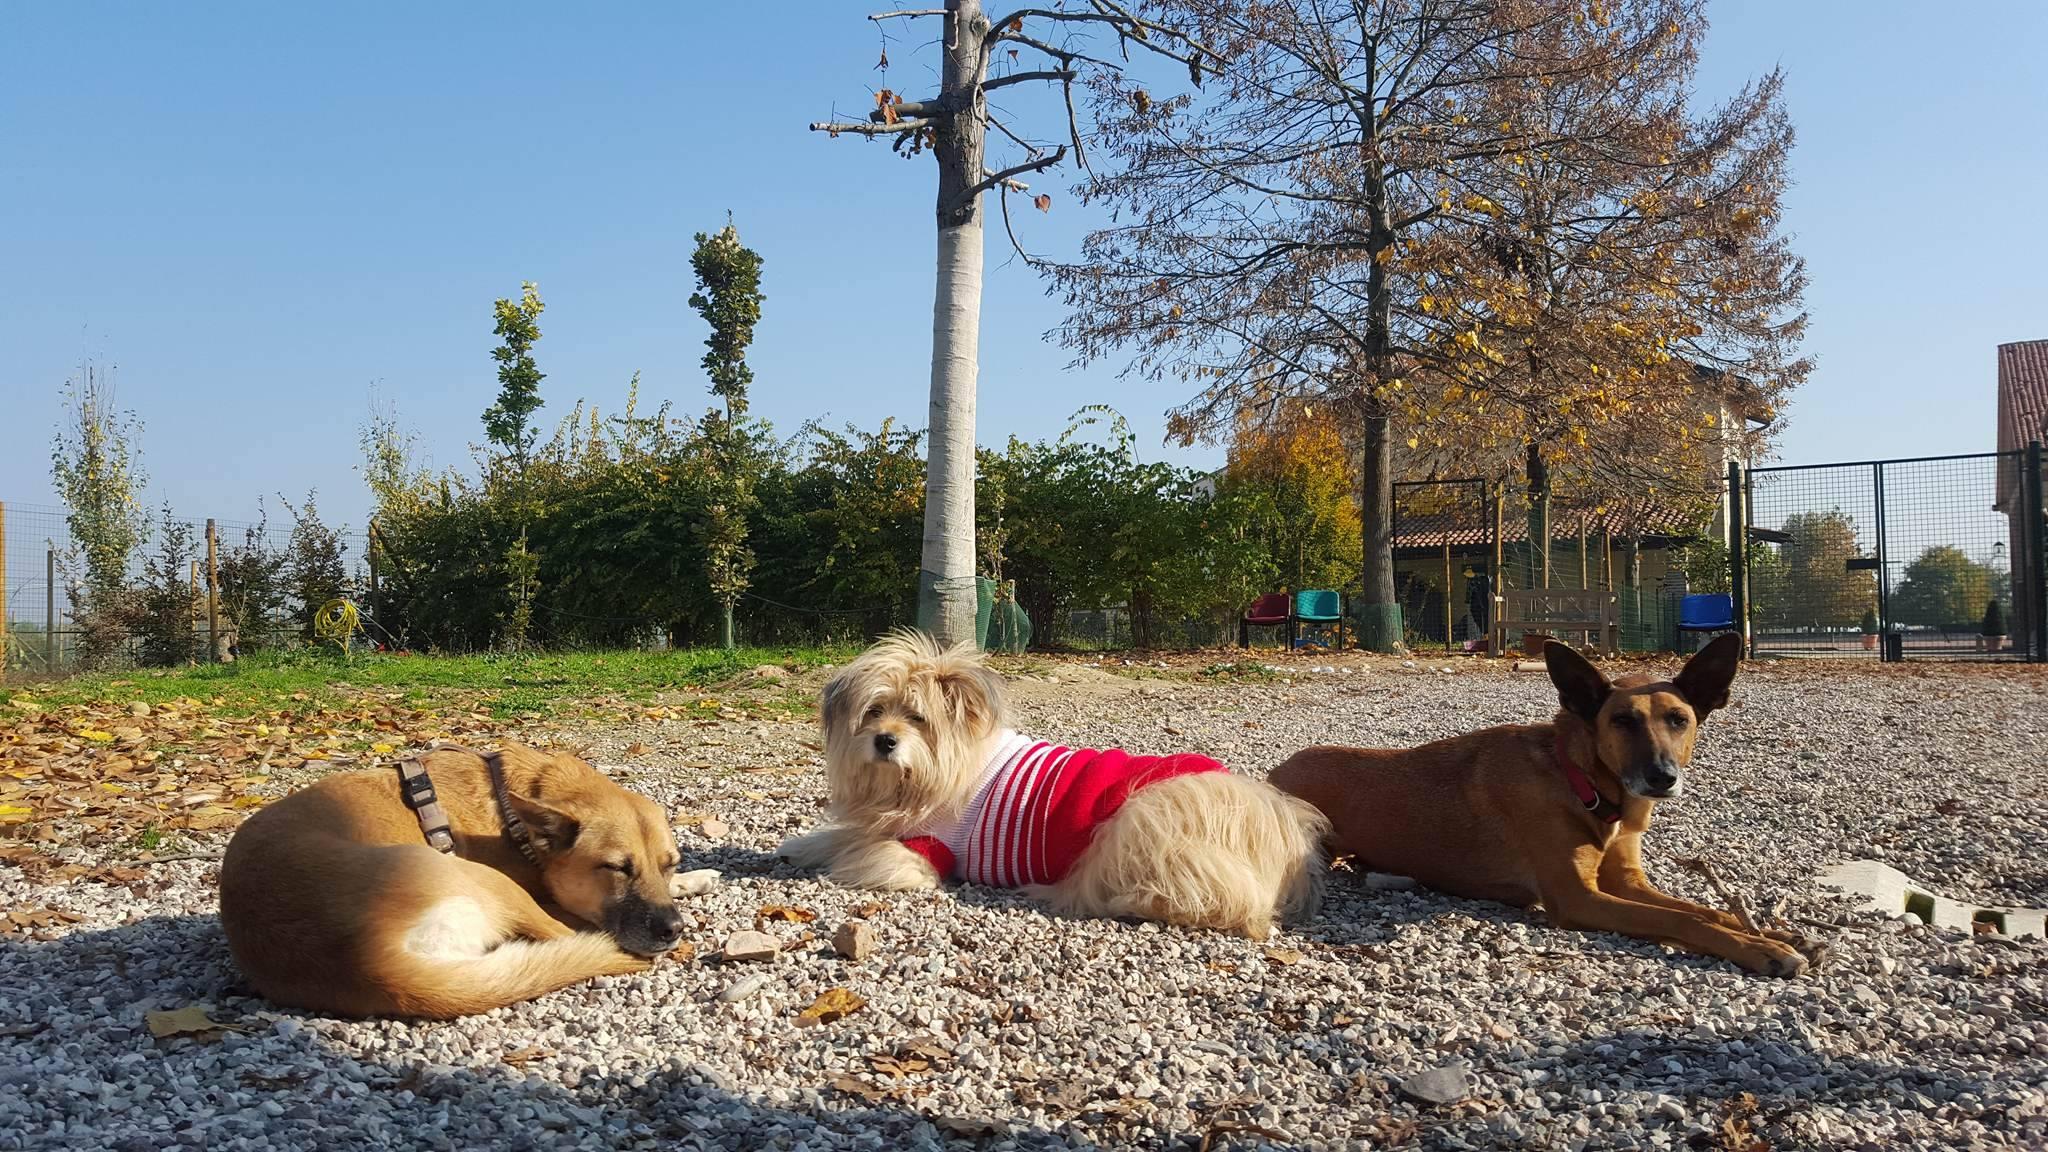 pensione, asilo per cani, dog e cat sitting - il piccolo campo